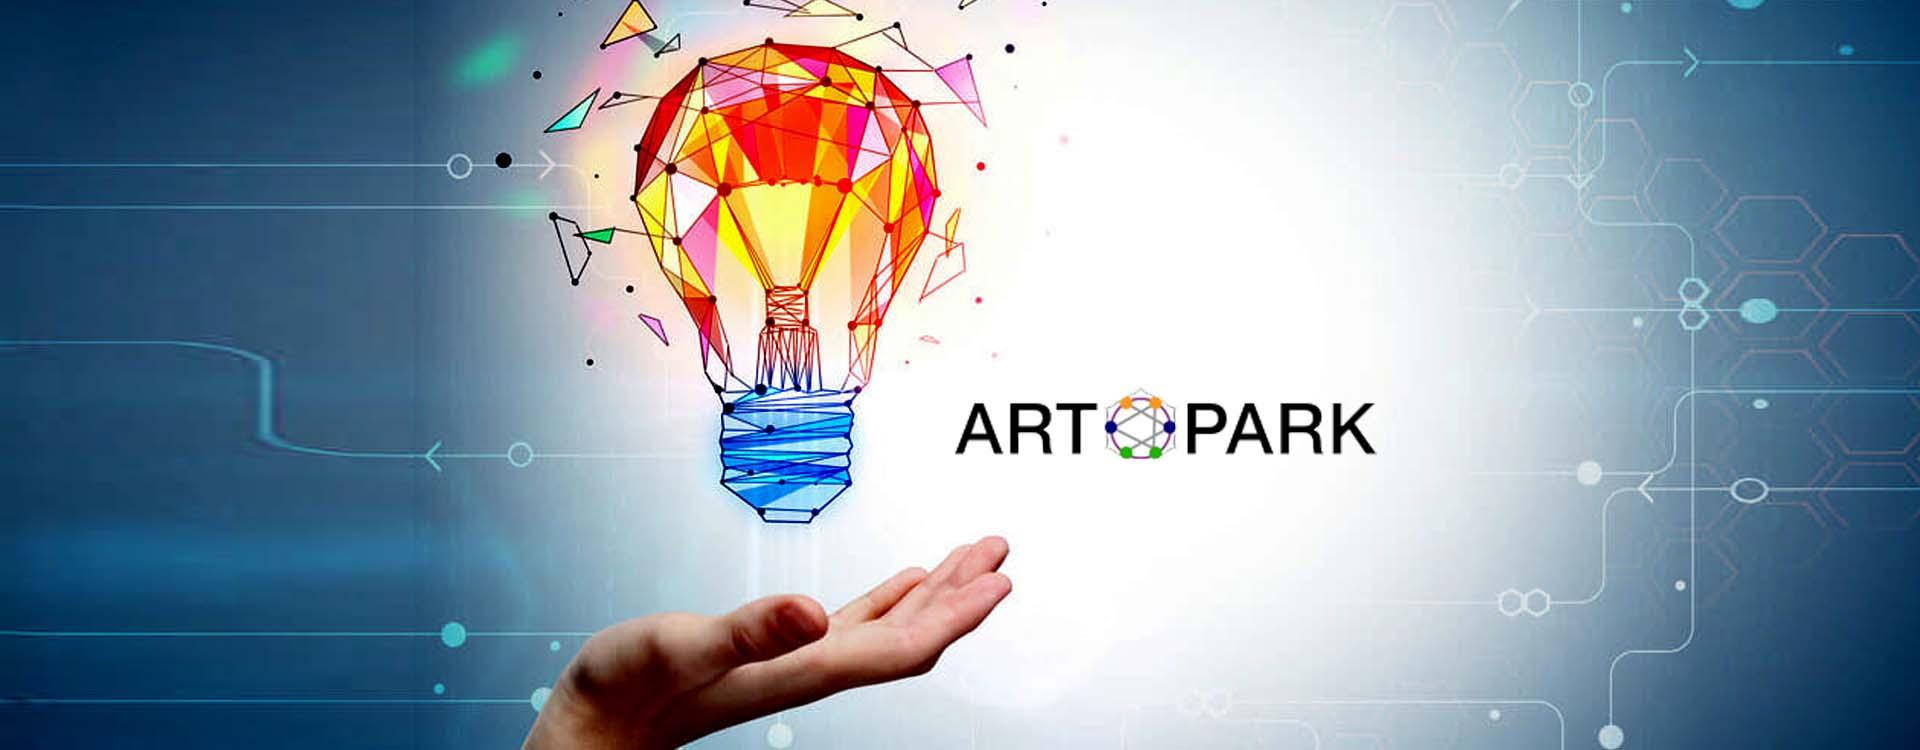 ARTPARK Innovation Program